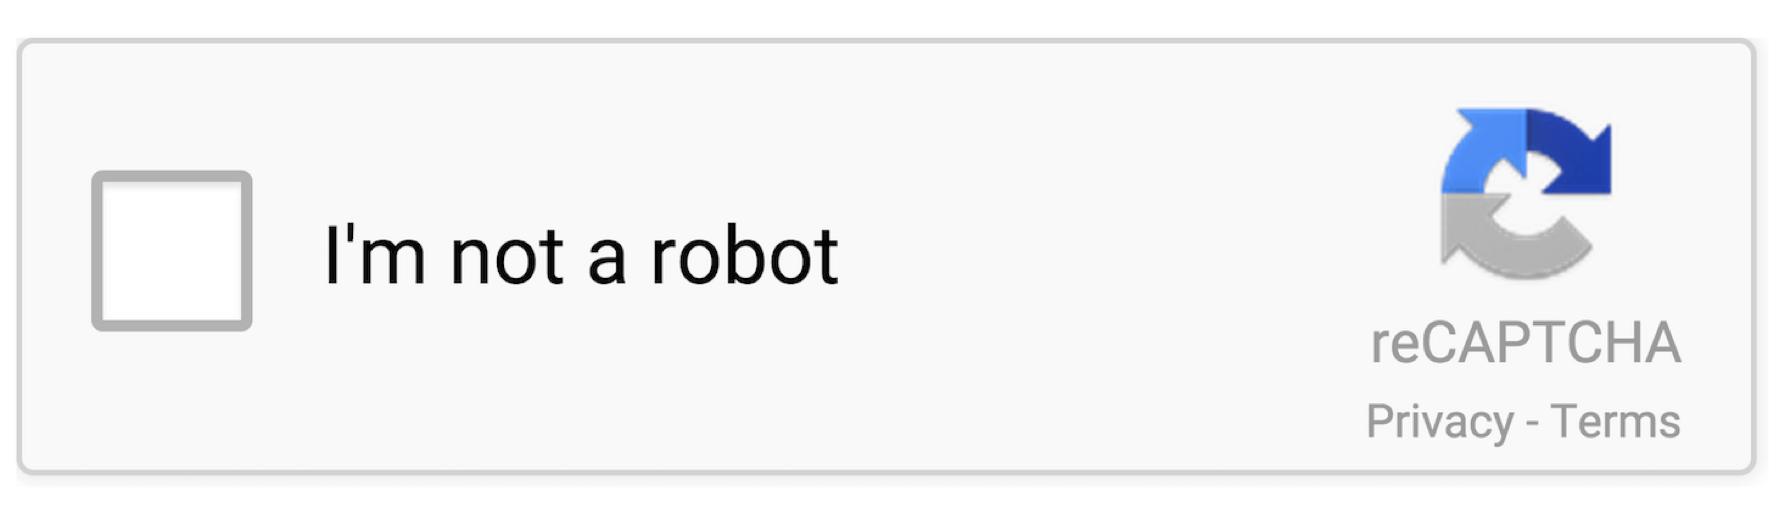 Ich bin kein Robotor Beispiel Webentwicklung